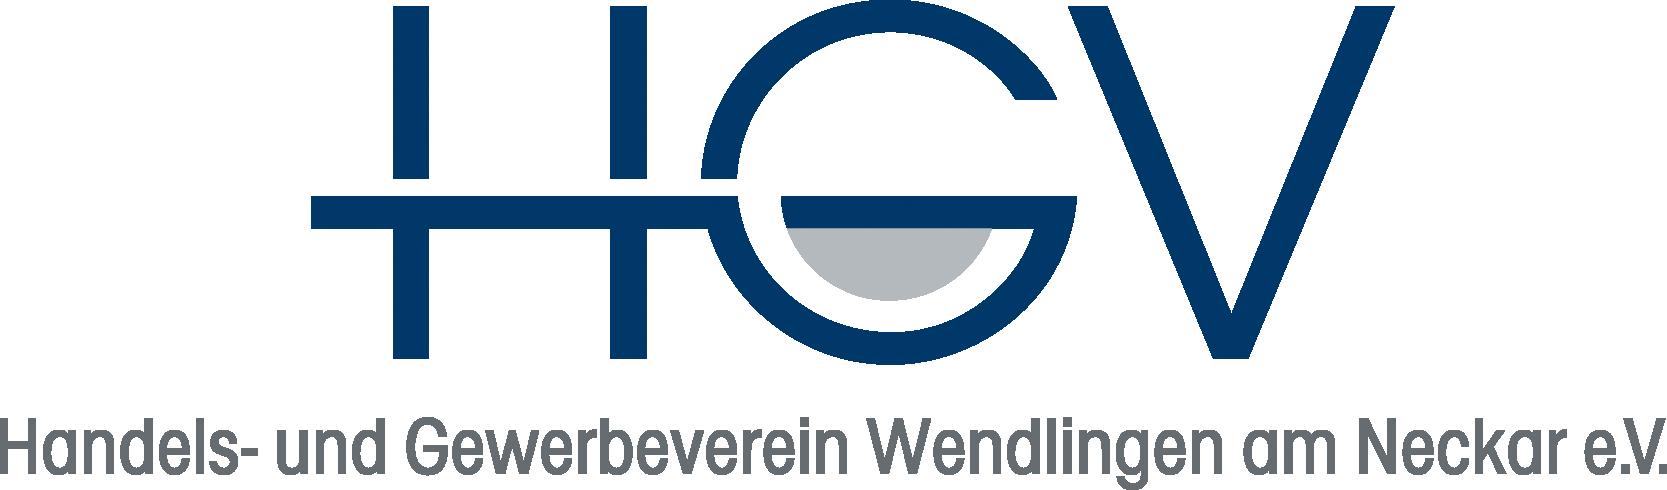 HGV Events